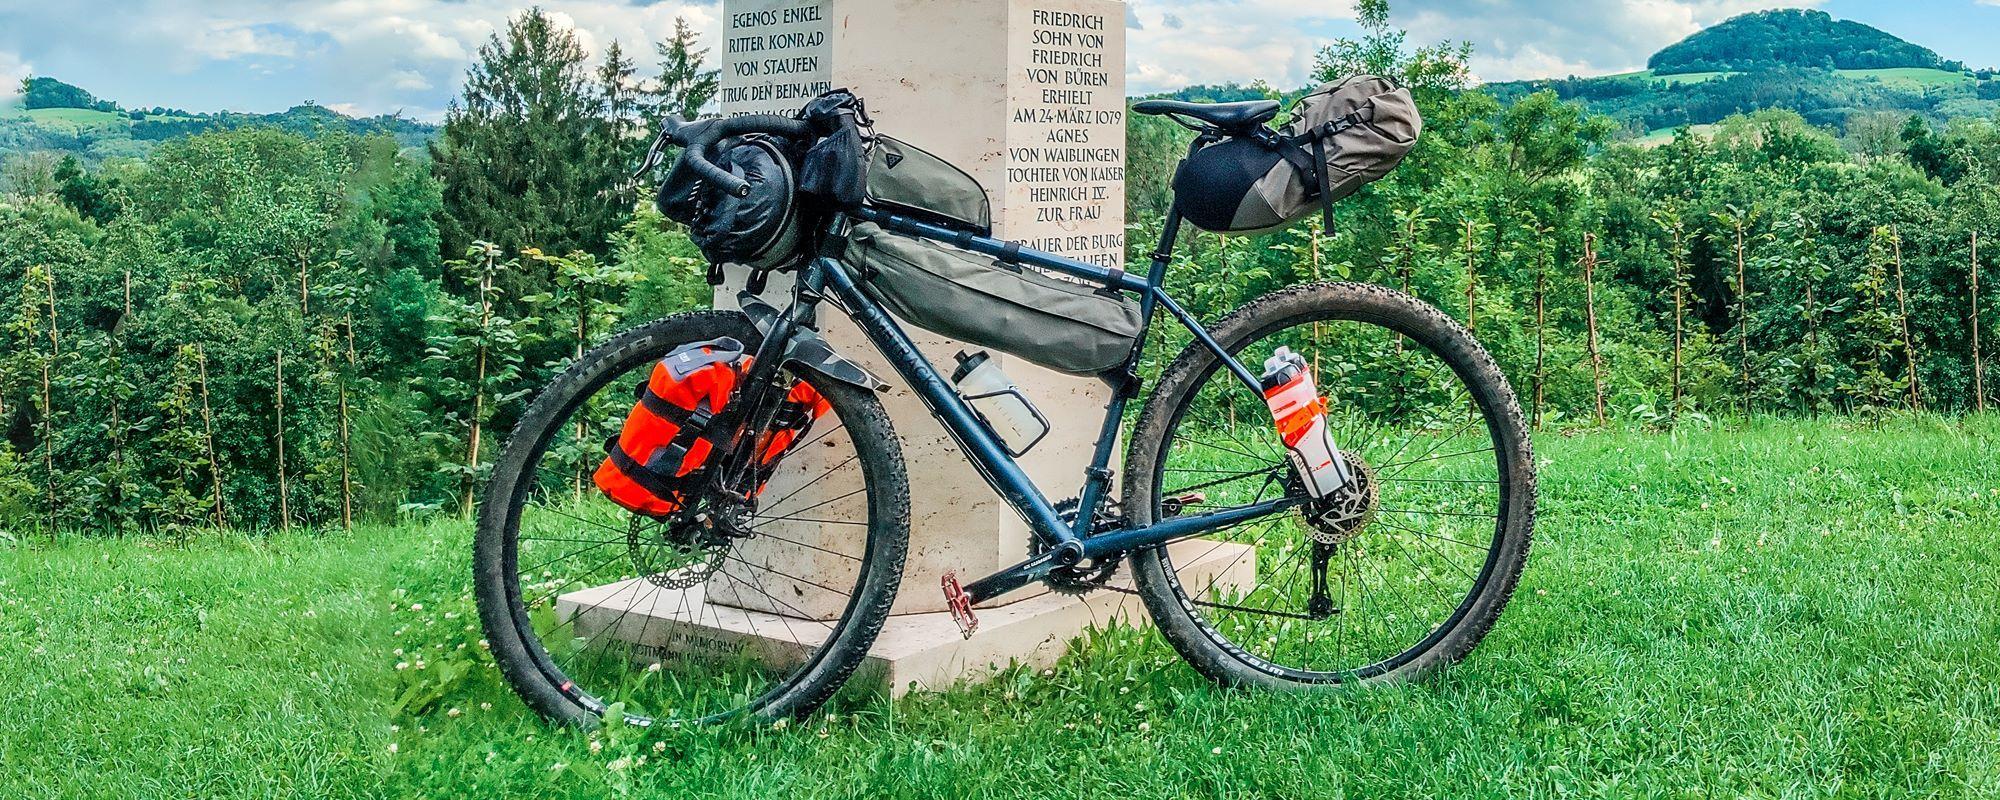 Topeak Bikepacking Taschen im ausführlichen Test - Einmal quer durch Deutschland auf Schotter und Trails